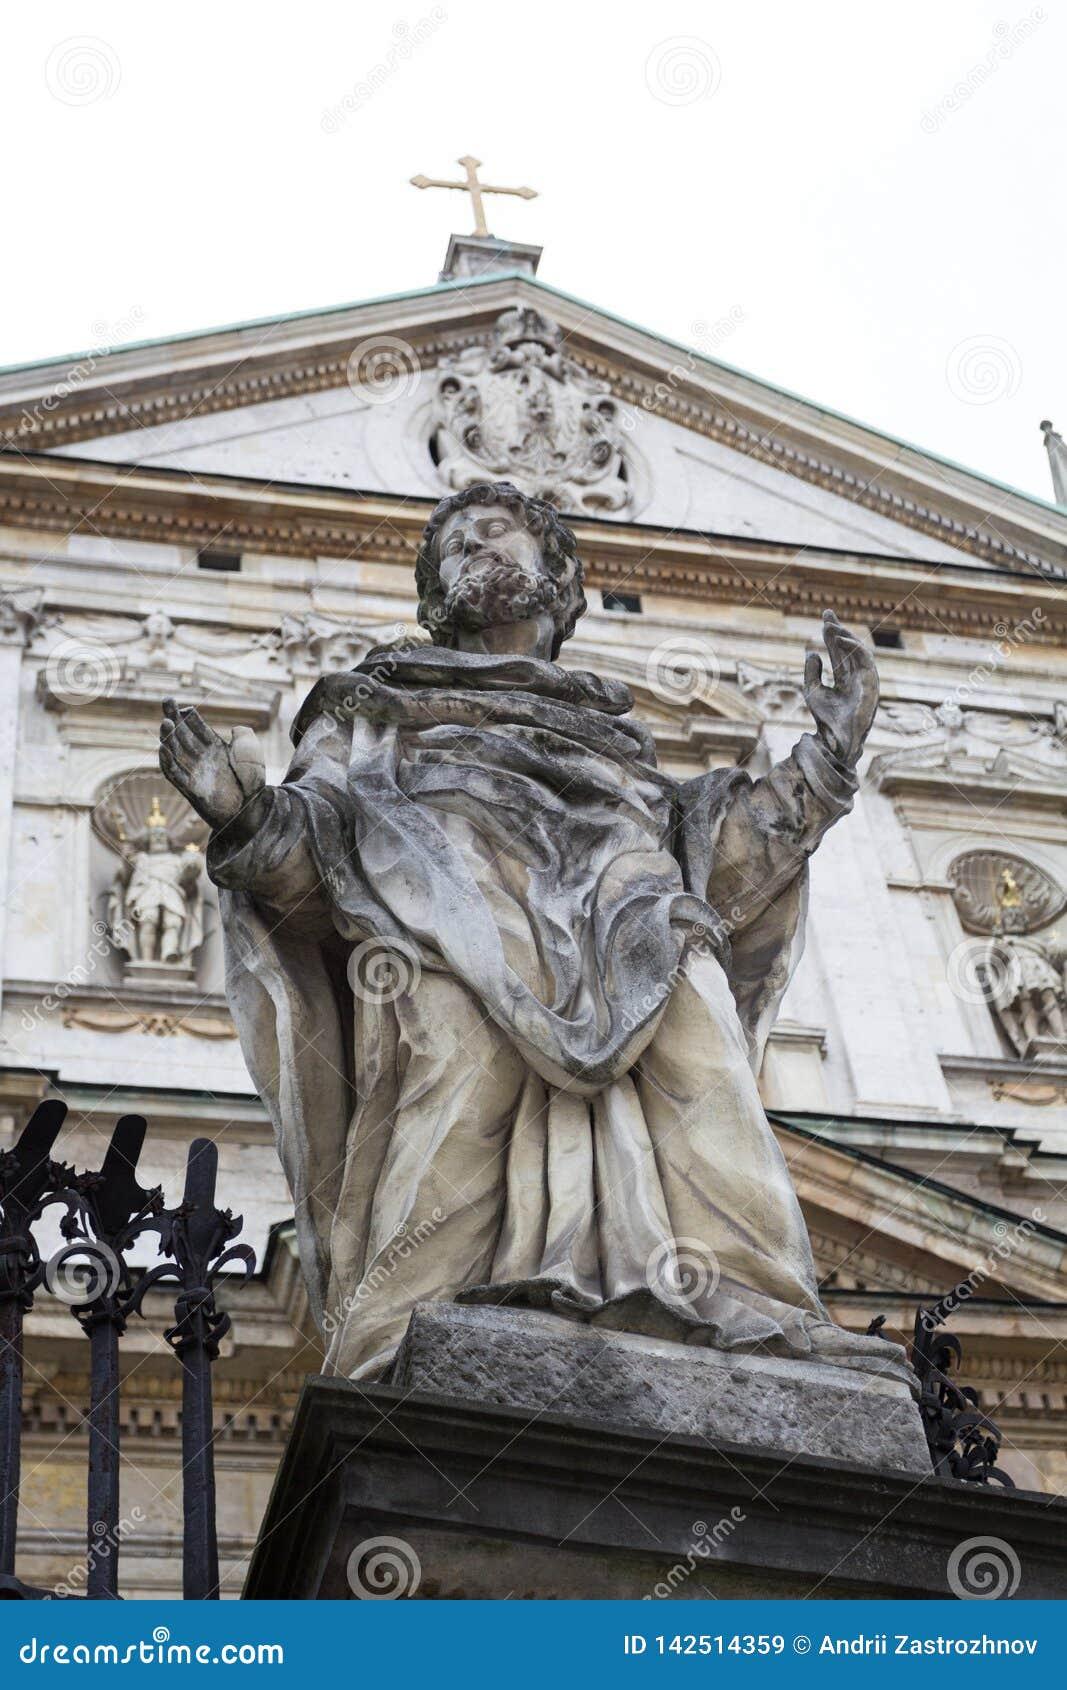 Estatua del santo en el fondo de una iglesia medieval con una cruz